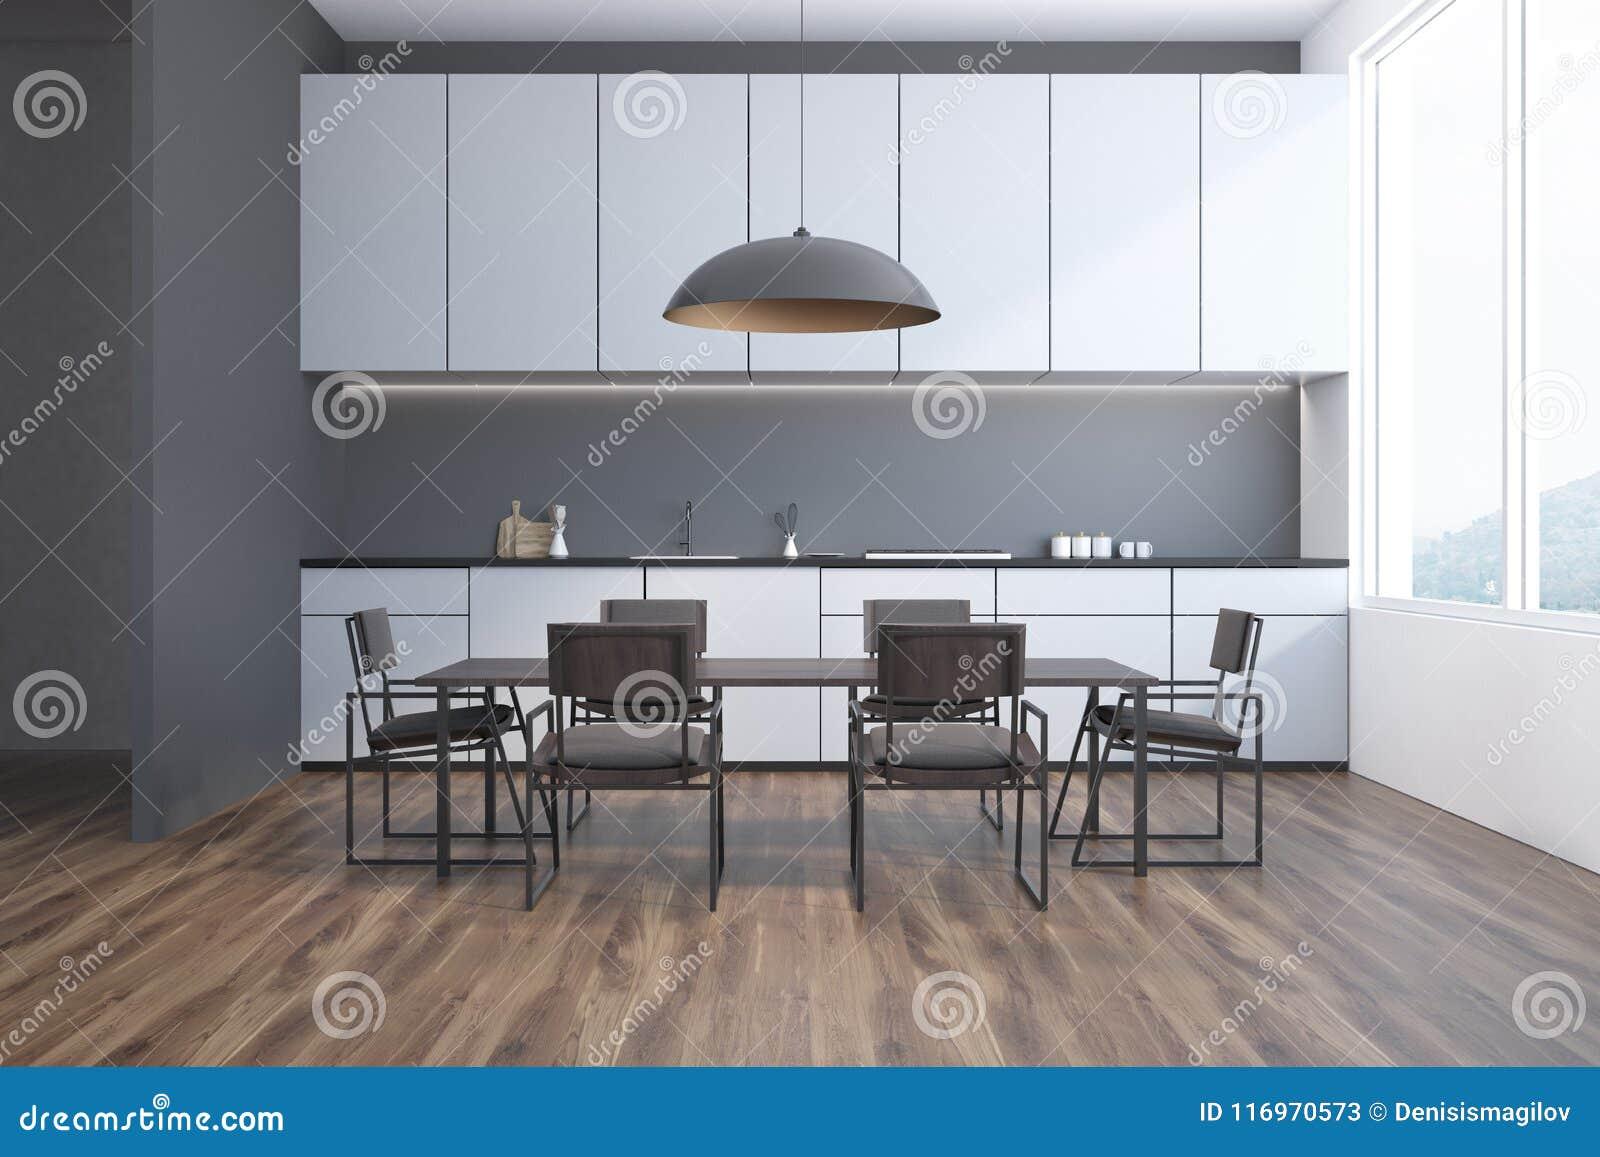 Sala Da Pranzo Grigia E Cucina Interne, Vista Frontale Illustrazione ...